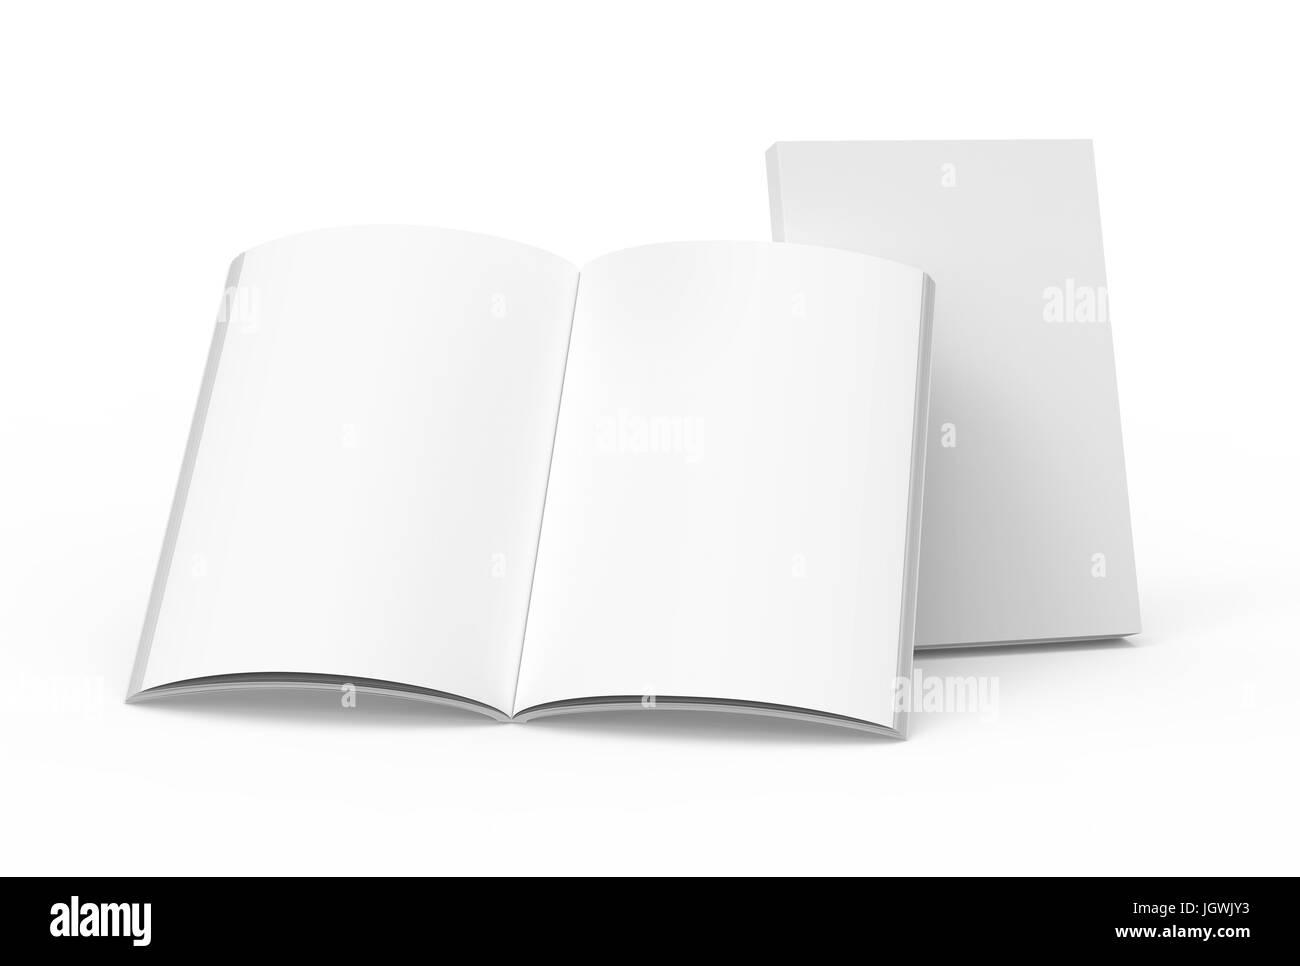 Beste Alphabet Buch Vorlage Galerie - Entry Level Resume Vorlagen ...